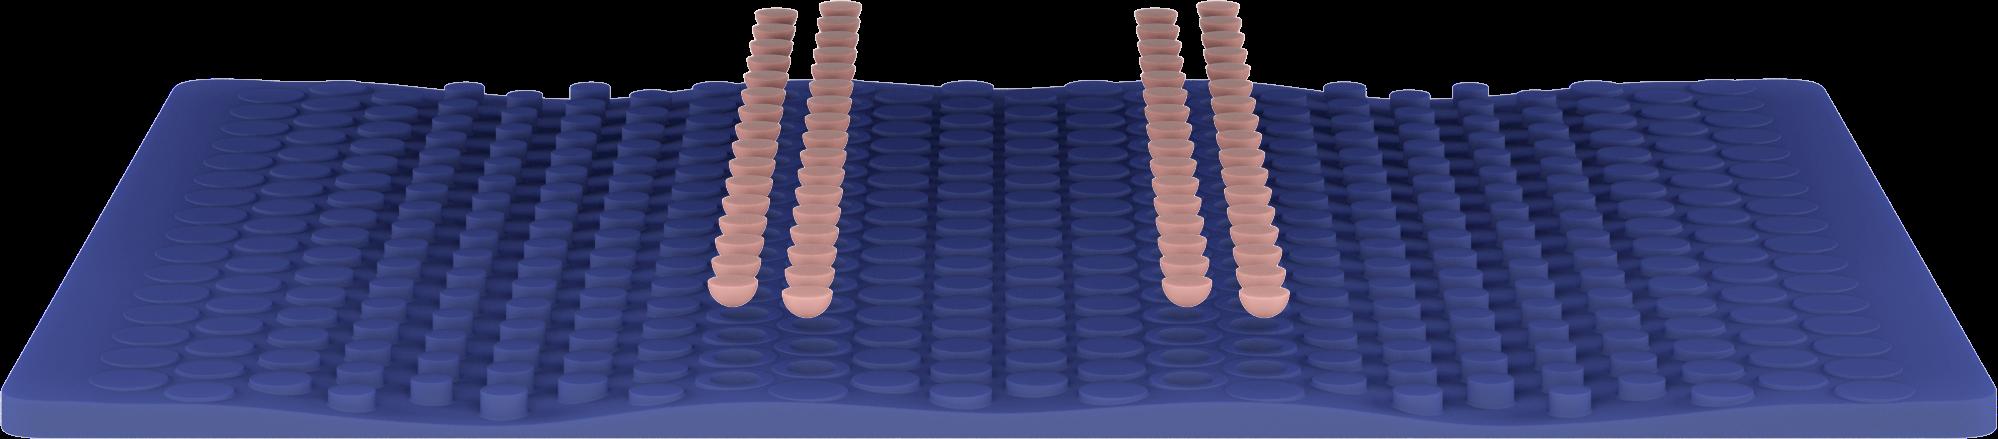 Wave Hybrid mattress fourth layer render